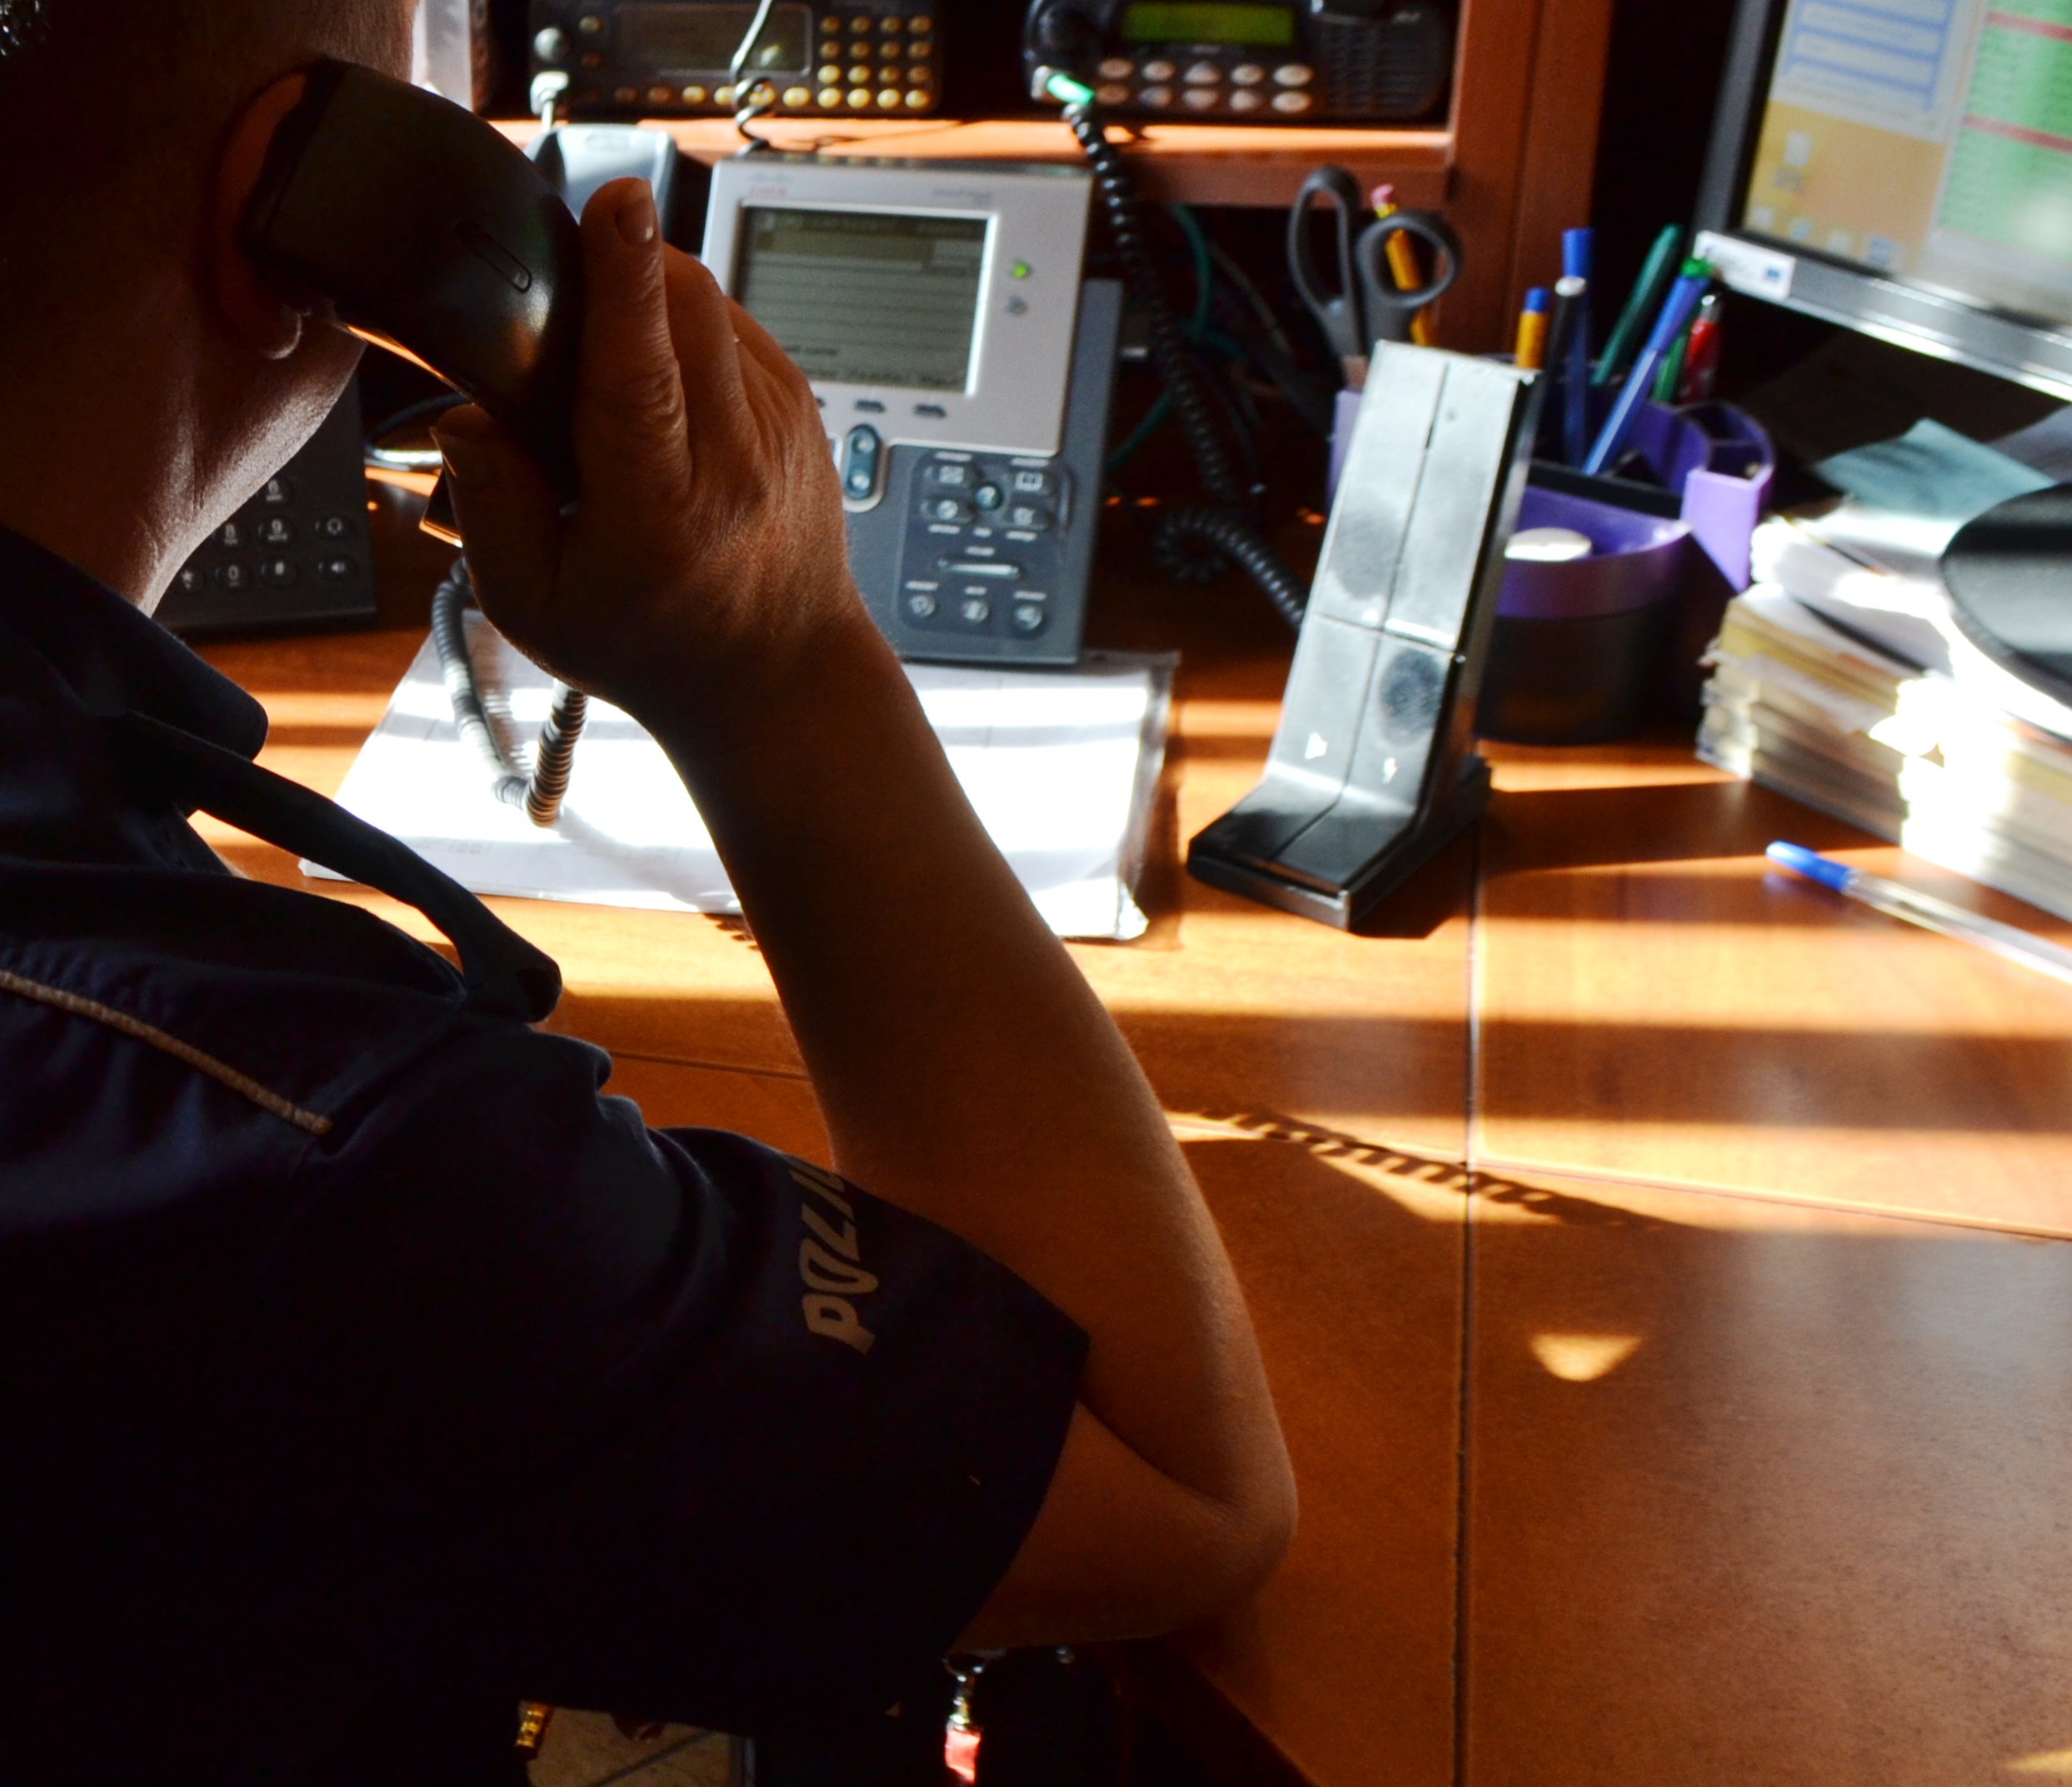 KĘTY. Desperatowi pomógł policjant. Przez telefon